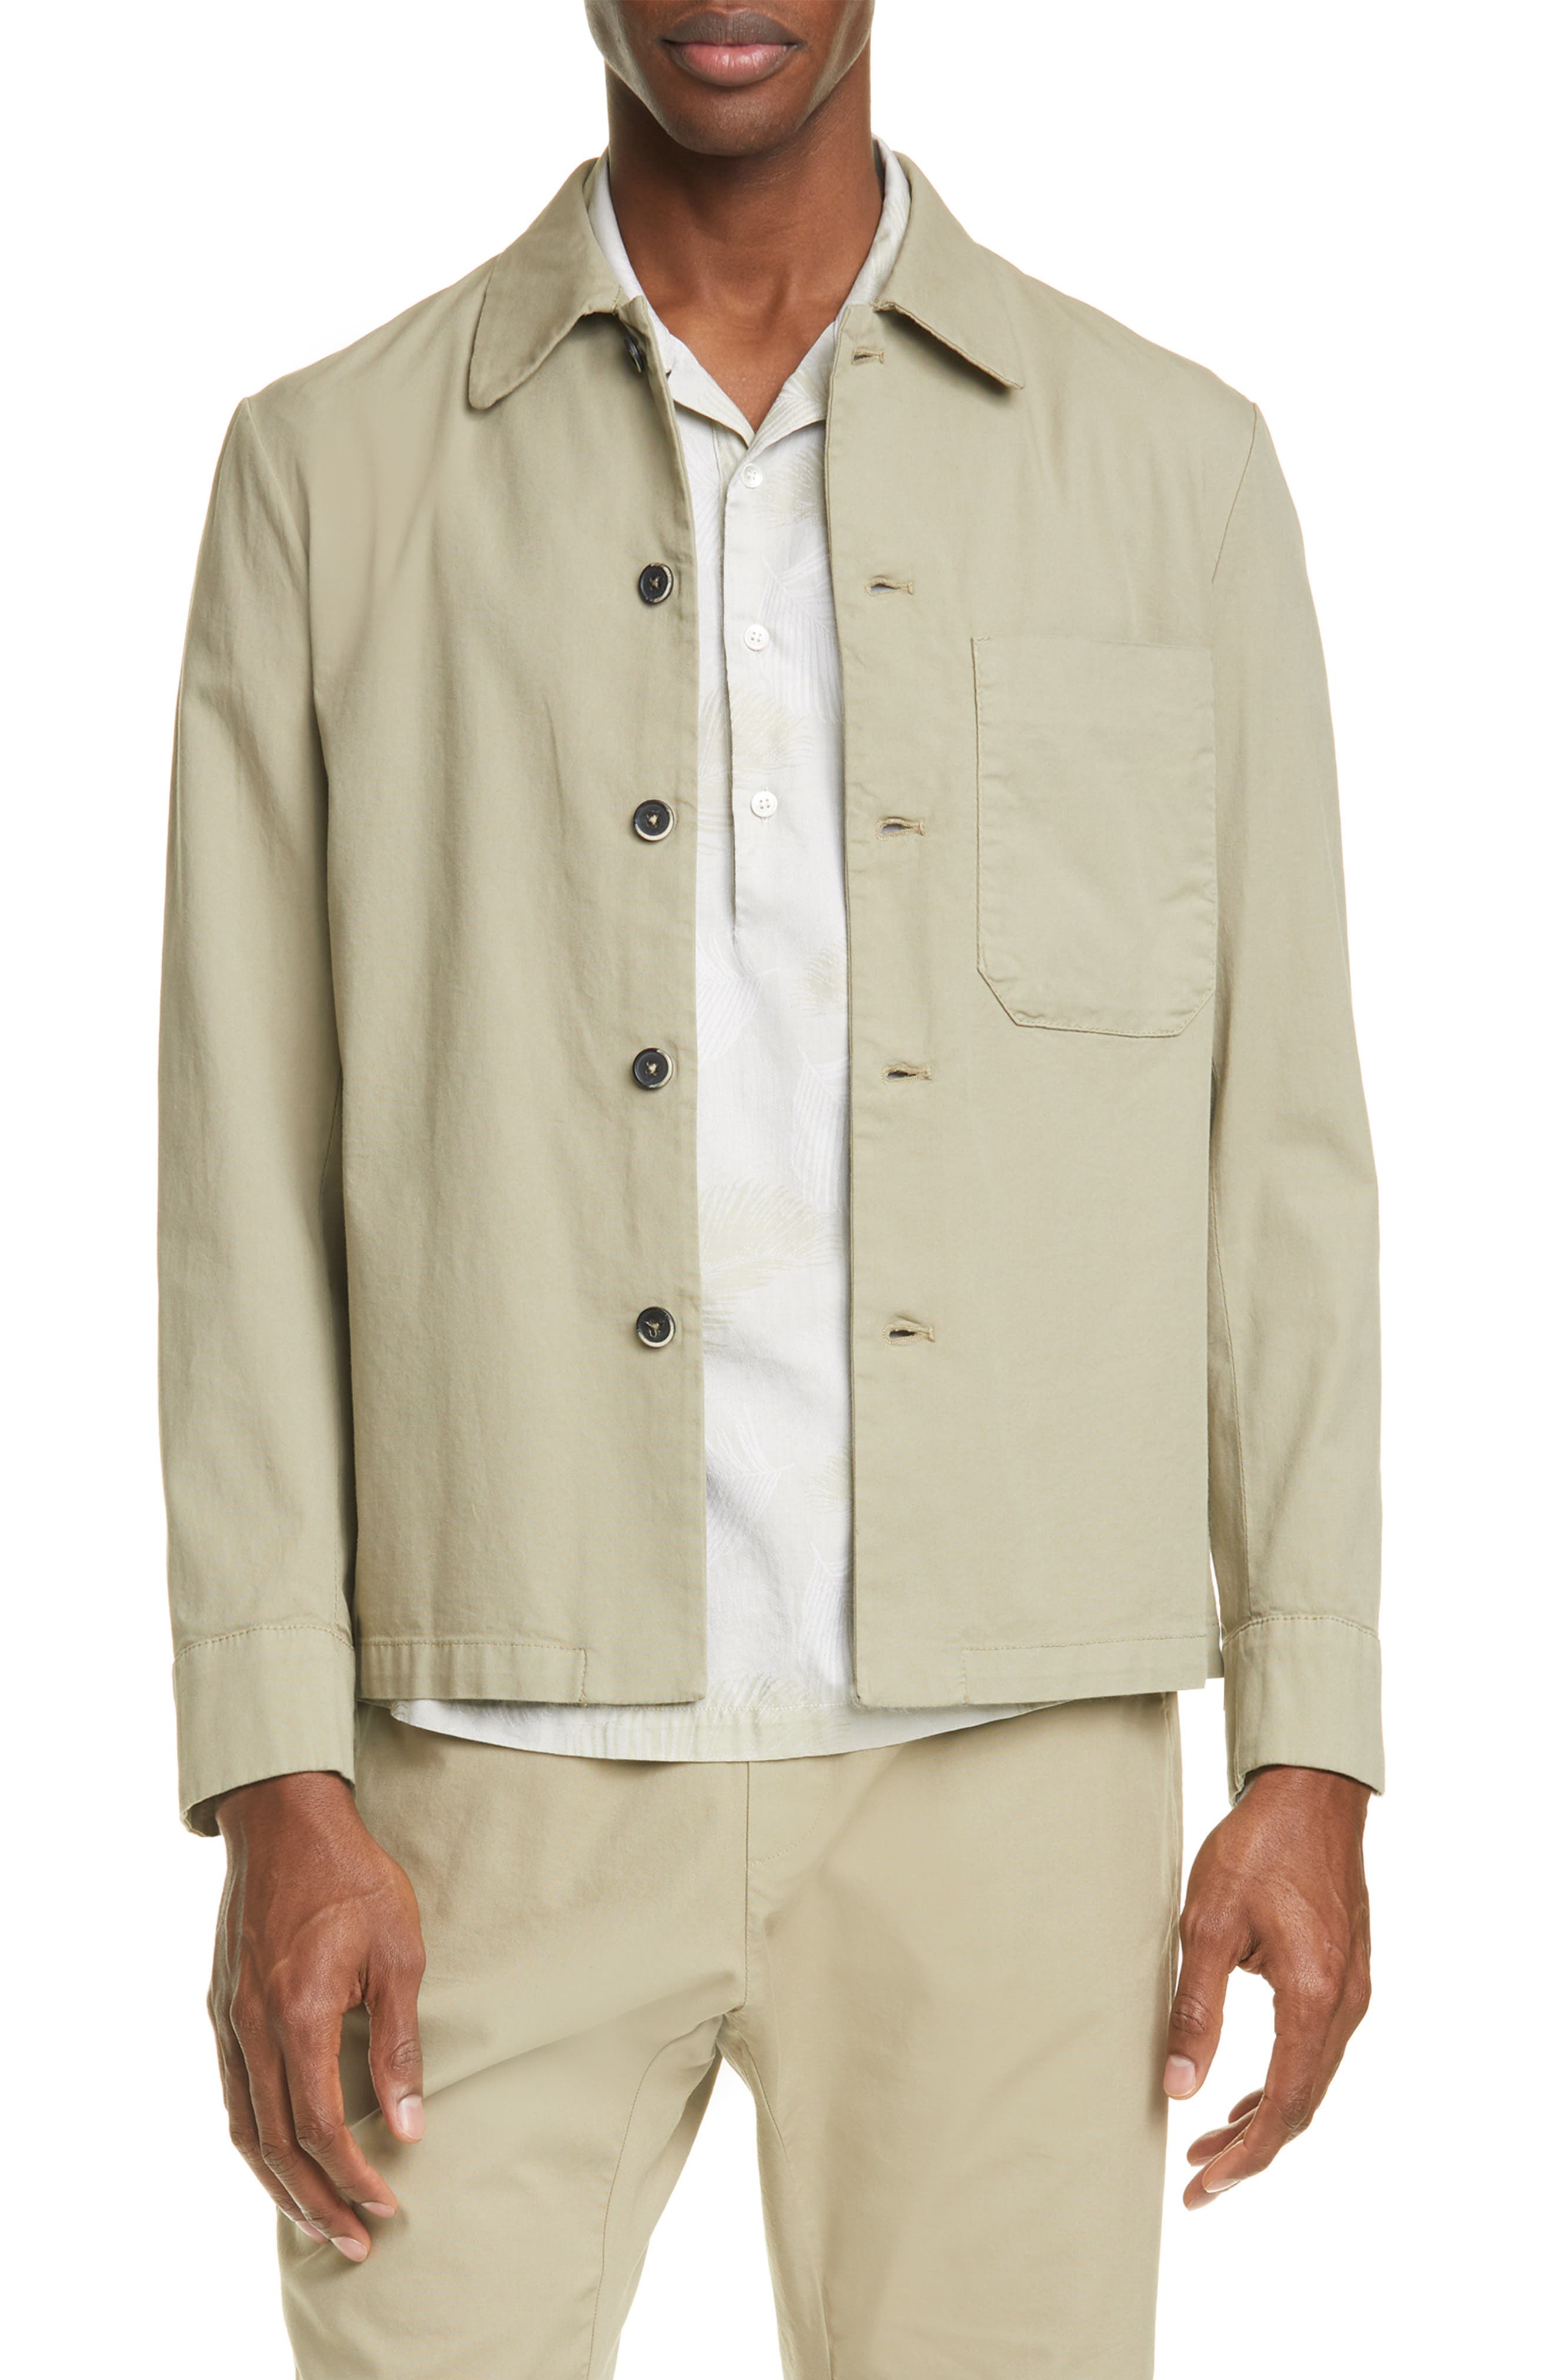 5XL M//M Camicia Calibrata Rio Nero 4XL Uomo Over -Oversize -BigSize -3XL